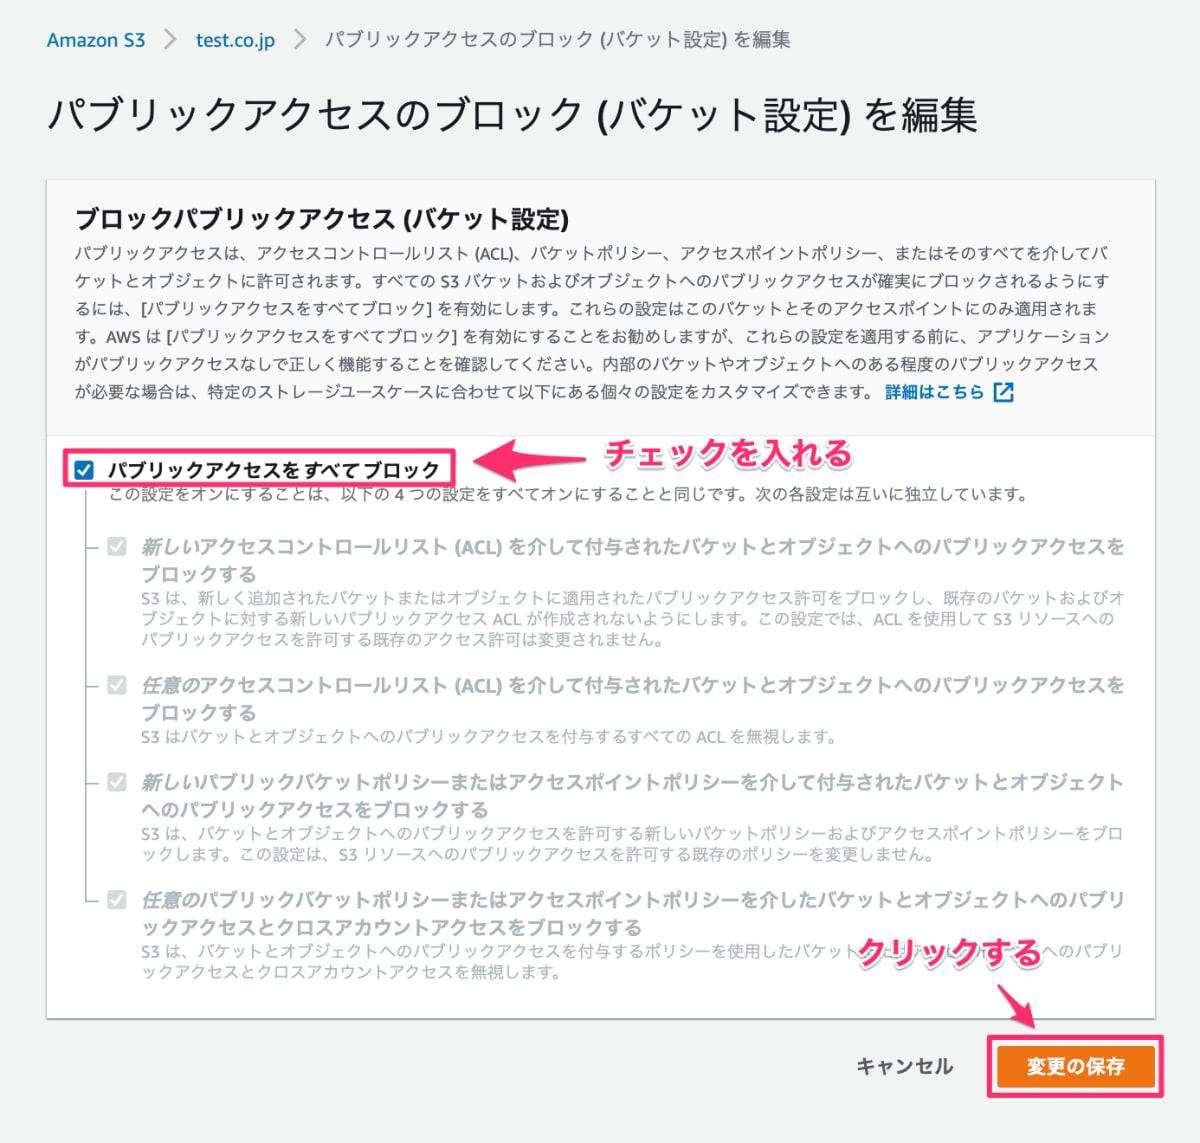 スクリーンショット_2021-06-10_15_33_08.png